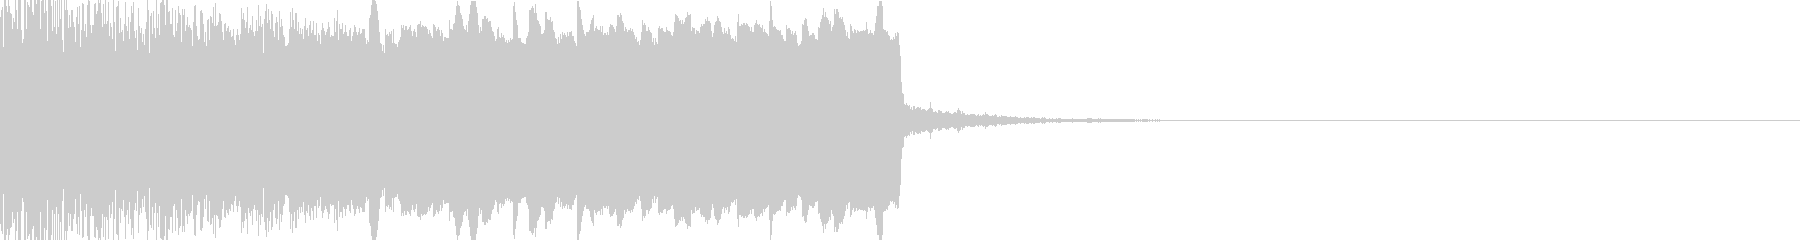 シンセ上昇確定音の未再生の波形